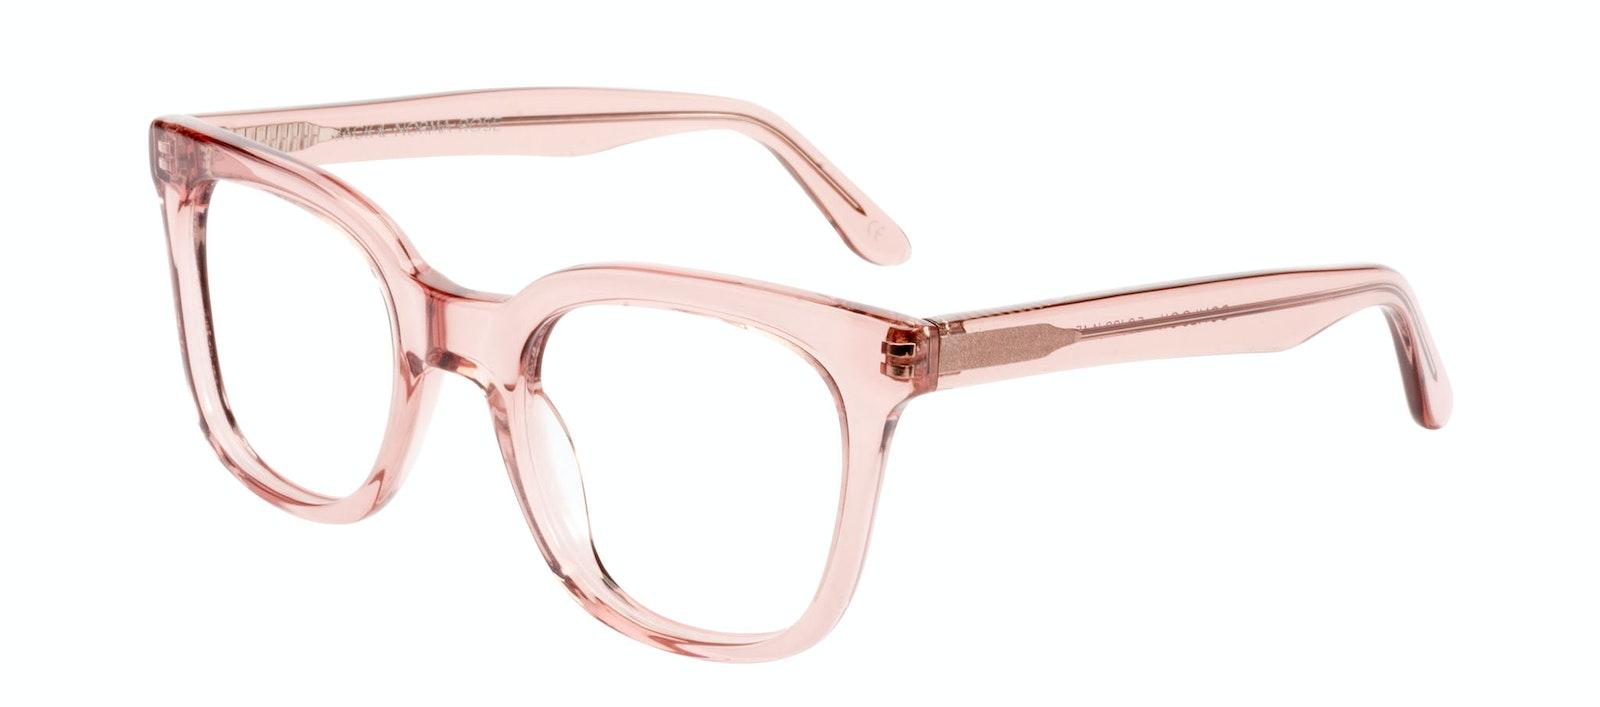 Affordable Fashion Glasses Rectangle Square Eyeglasses Women Jack & Norma Rose Tilt